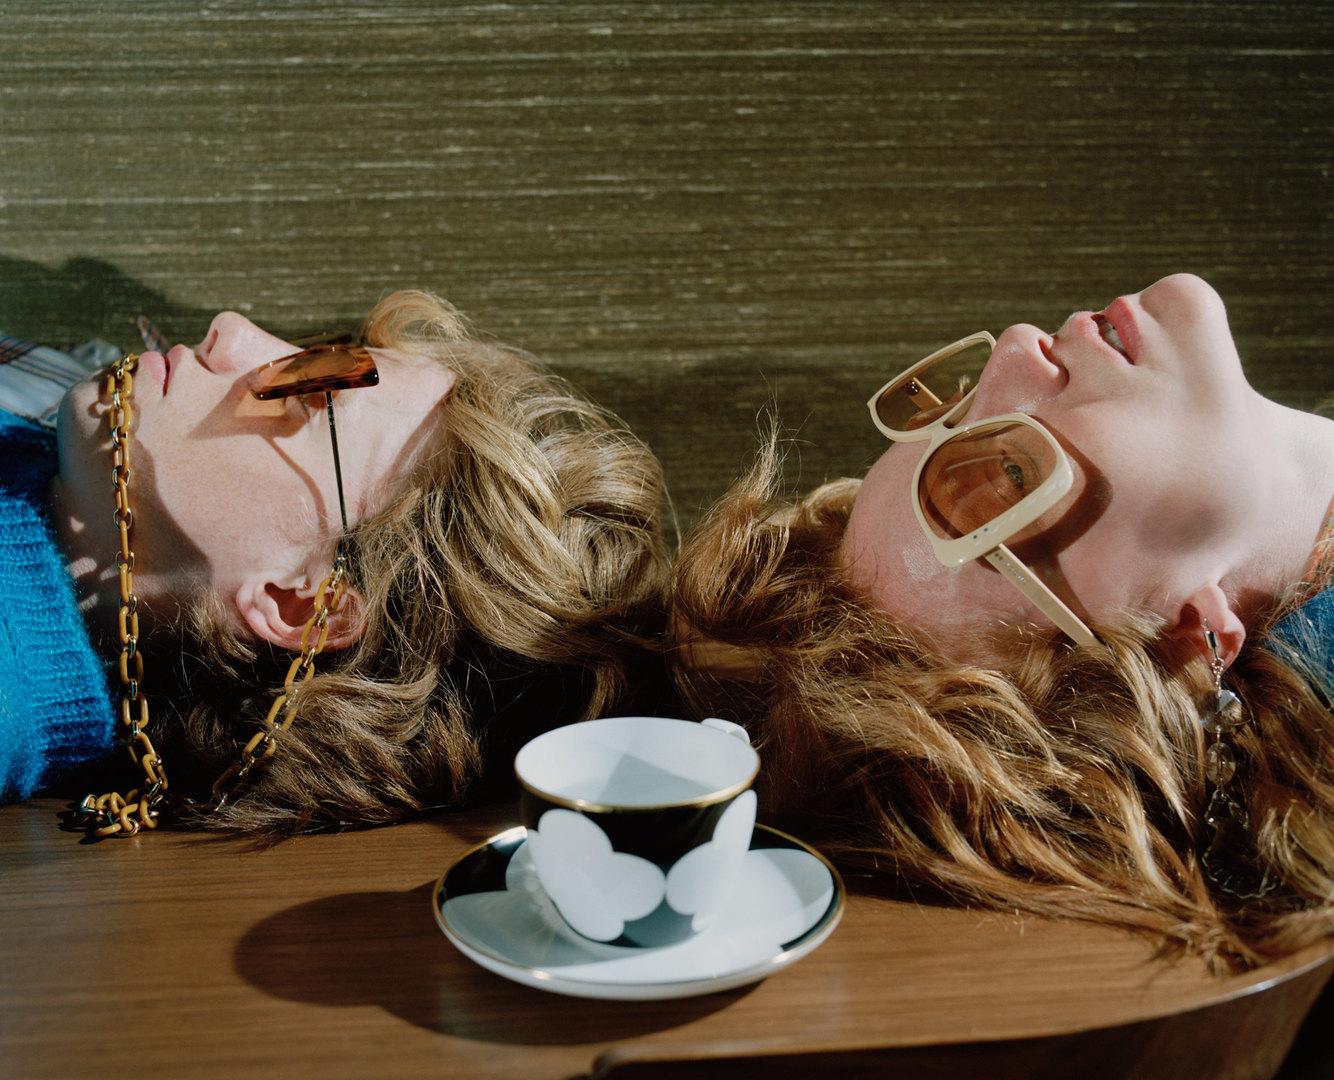 Свитер Walter Van Beirendonck, очки Gucci, цепь Ronda Очки Gucci, серьга MM6 Maison Margiela.  Fürstenberg, чайная чашка сблюдцем My China